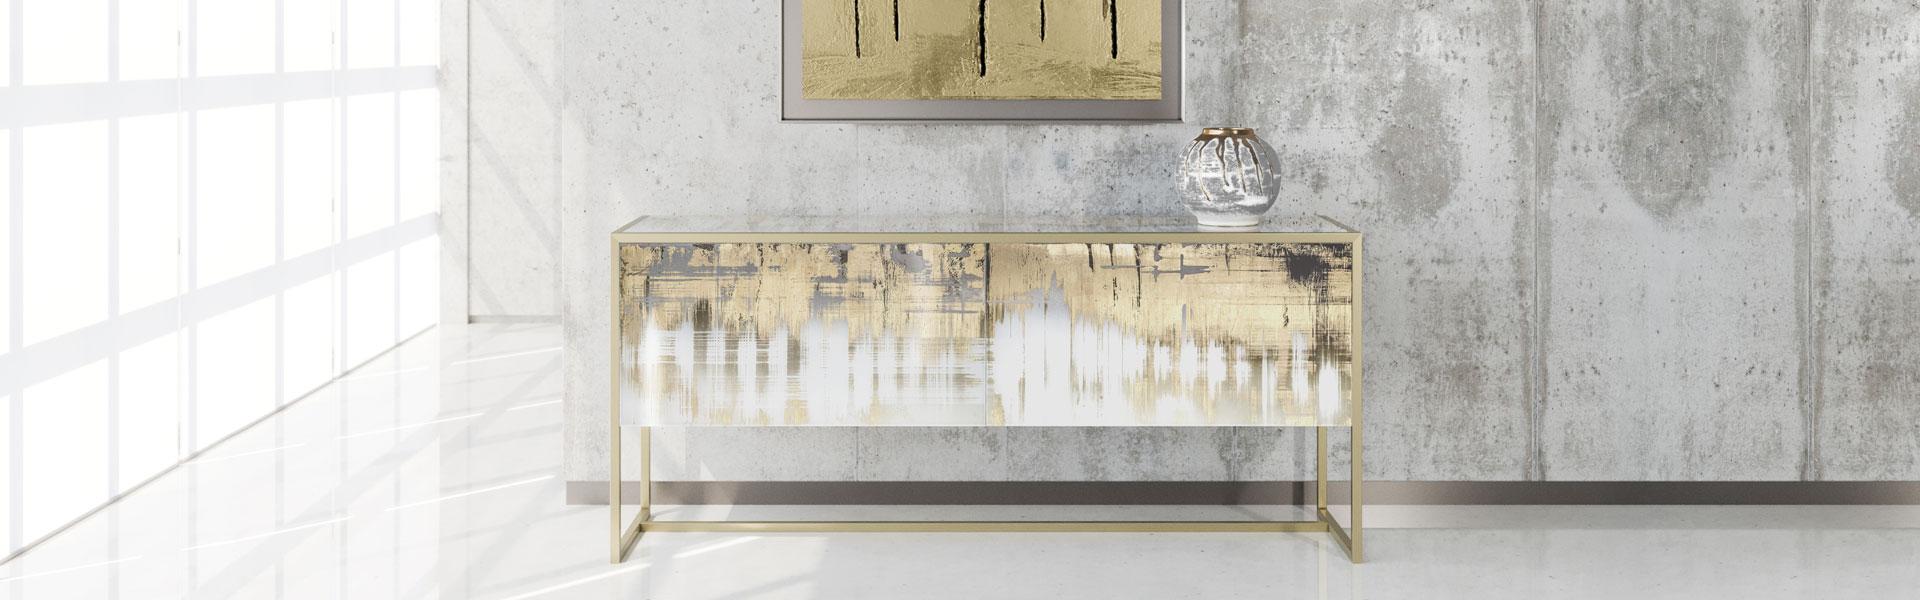 Concordia Contemporary Sideboard Buffet Furniture Golden Finishing Paesaggi Italiani Collection Arte Veneziana